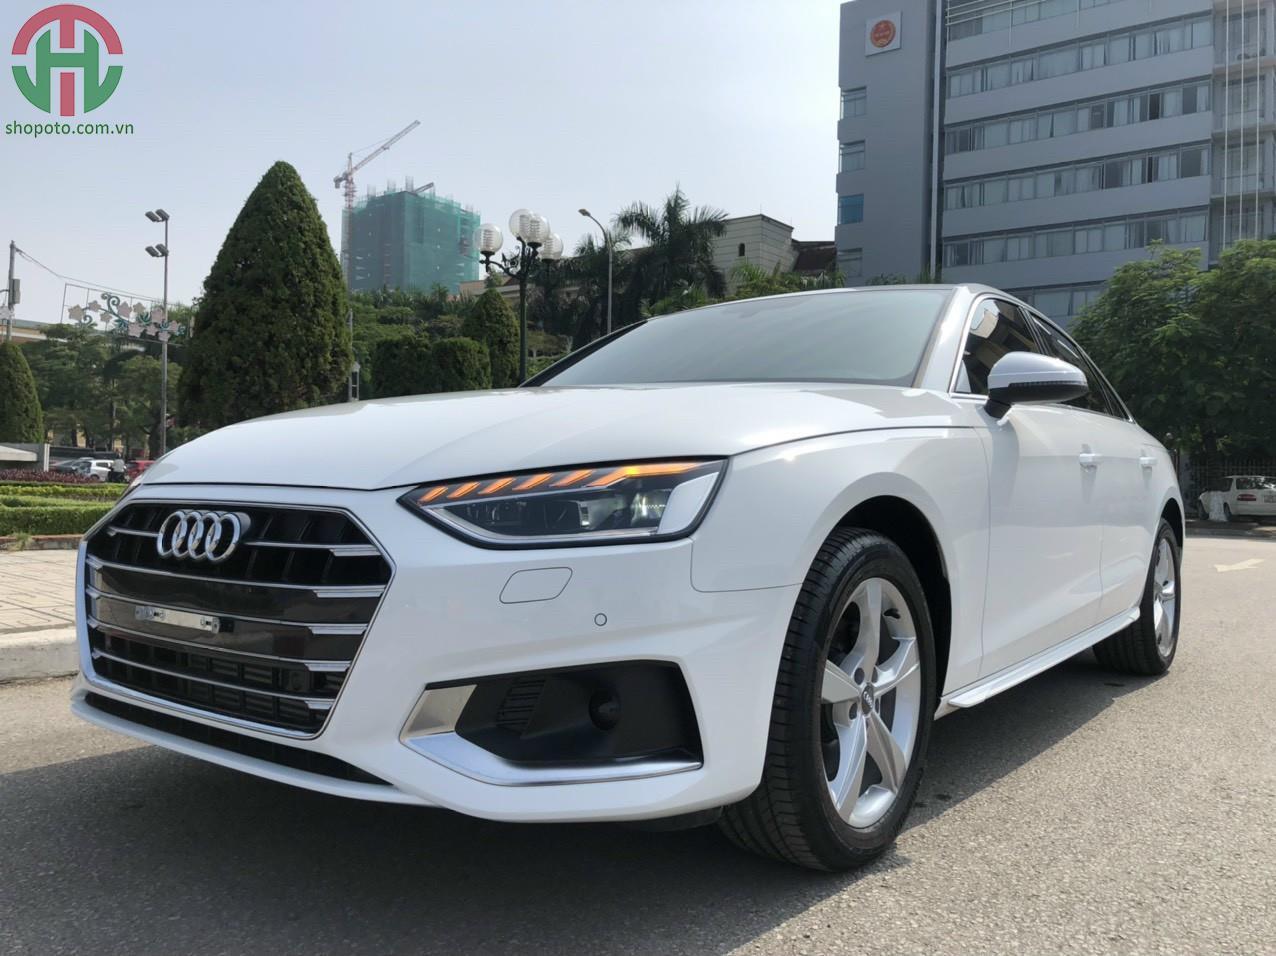 Audi A4 Trắng 2020